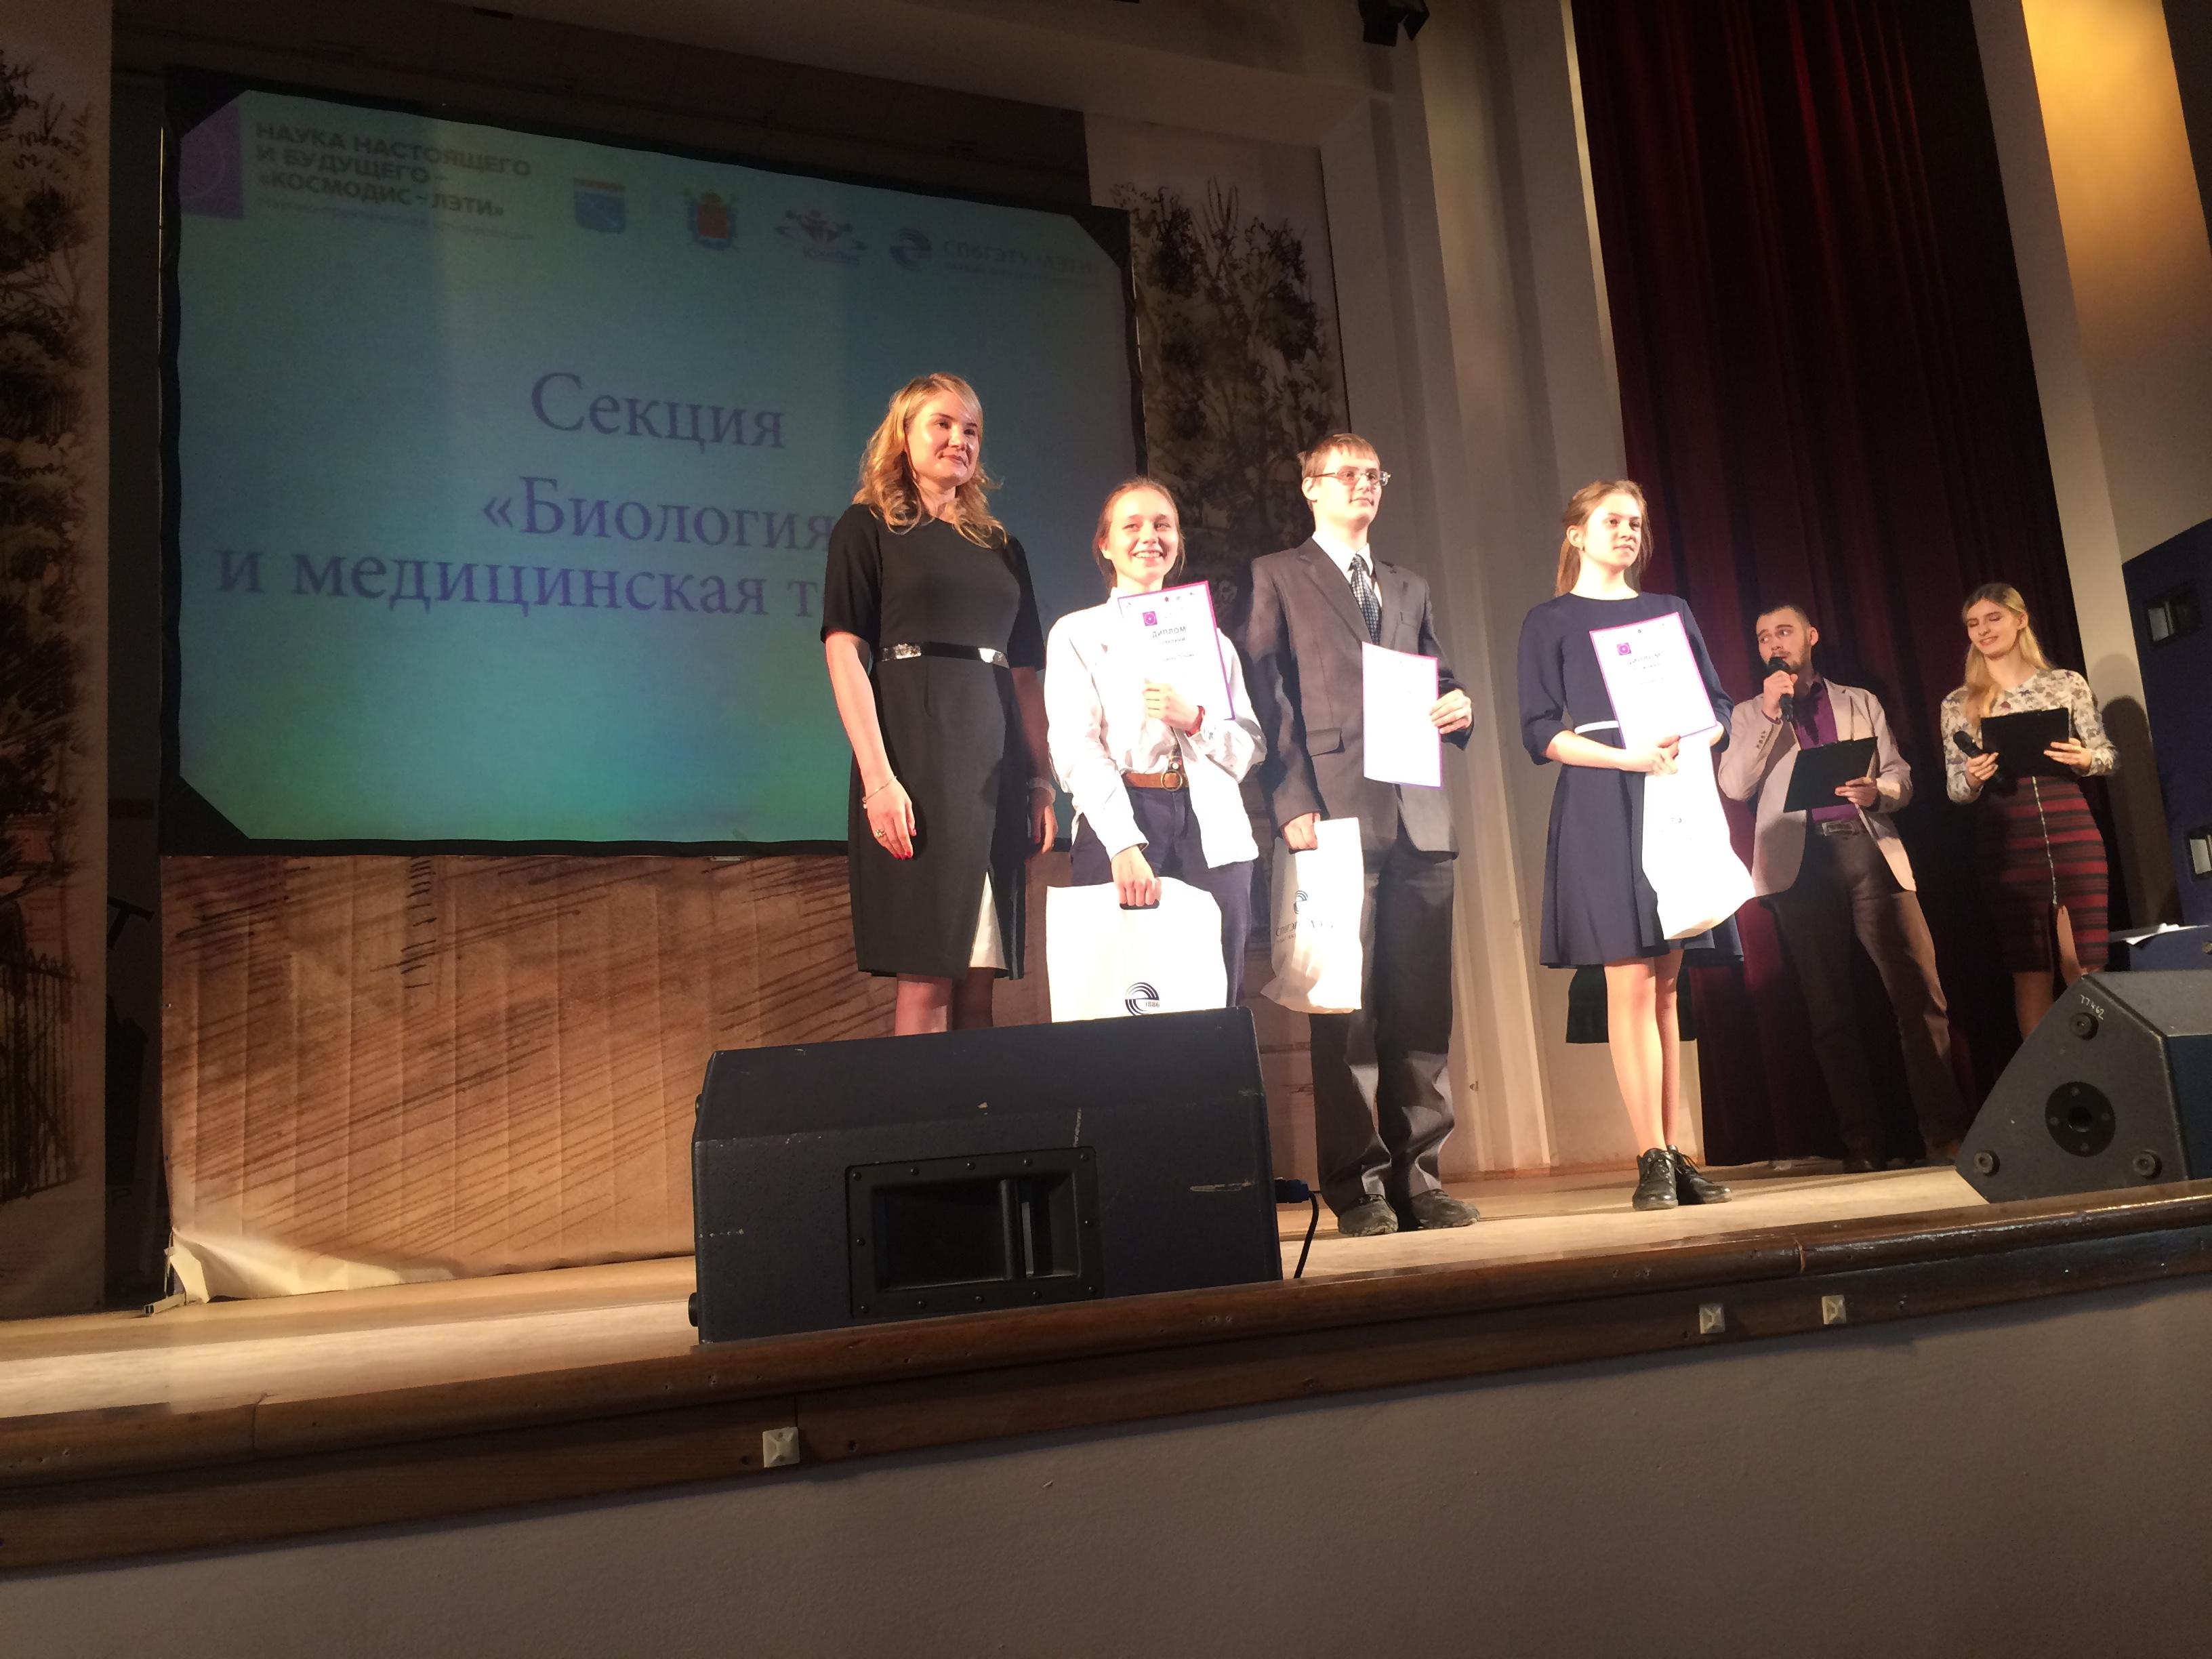 Победители в секции Биология и медицинская техника